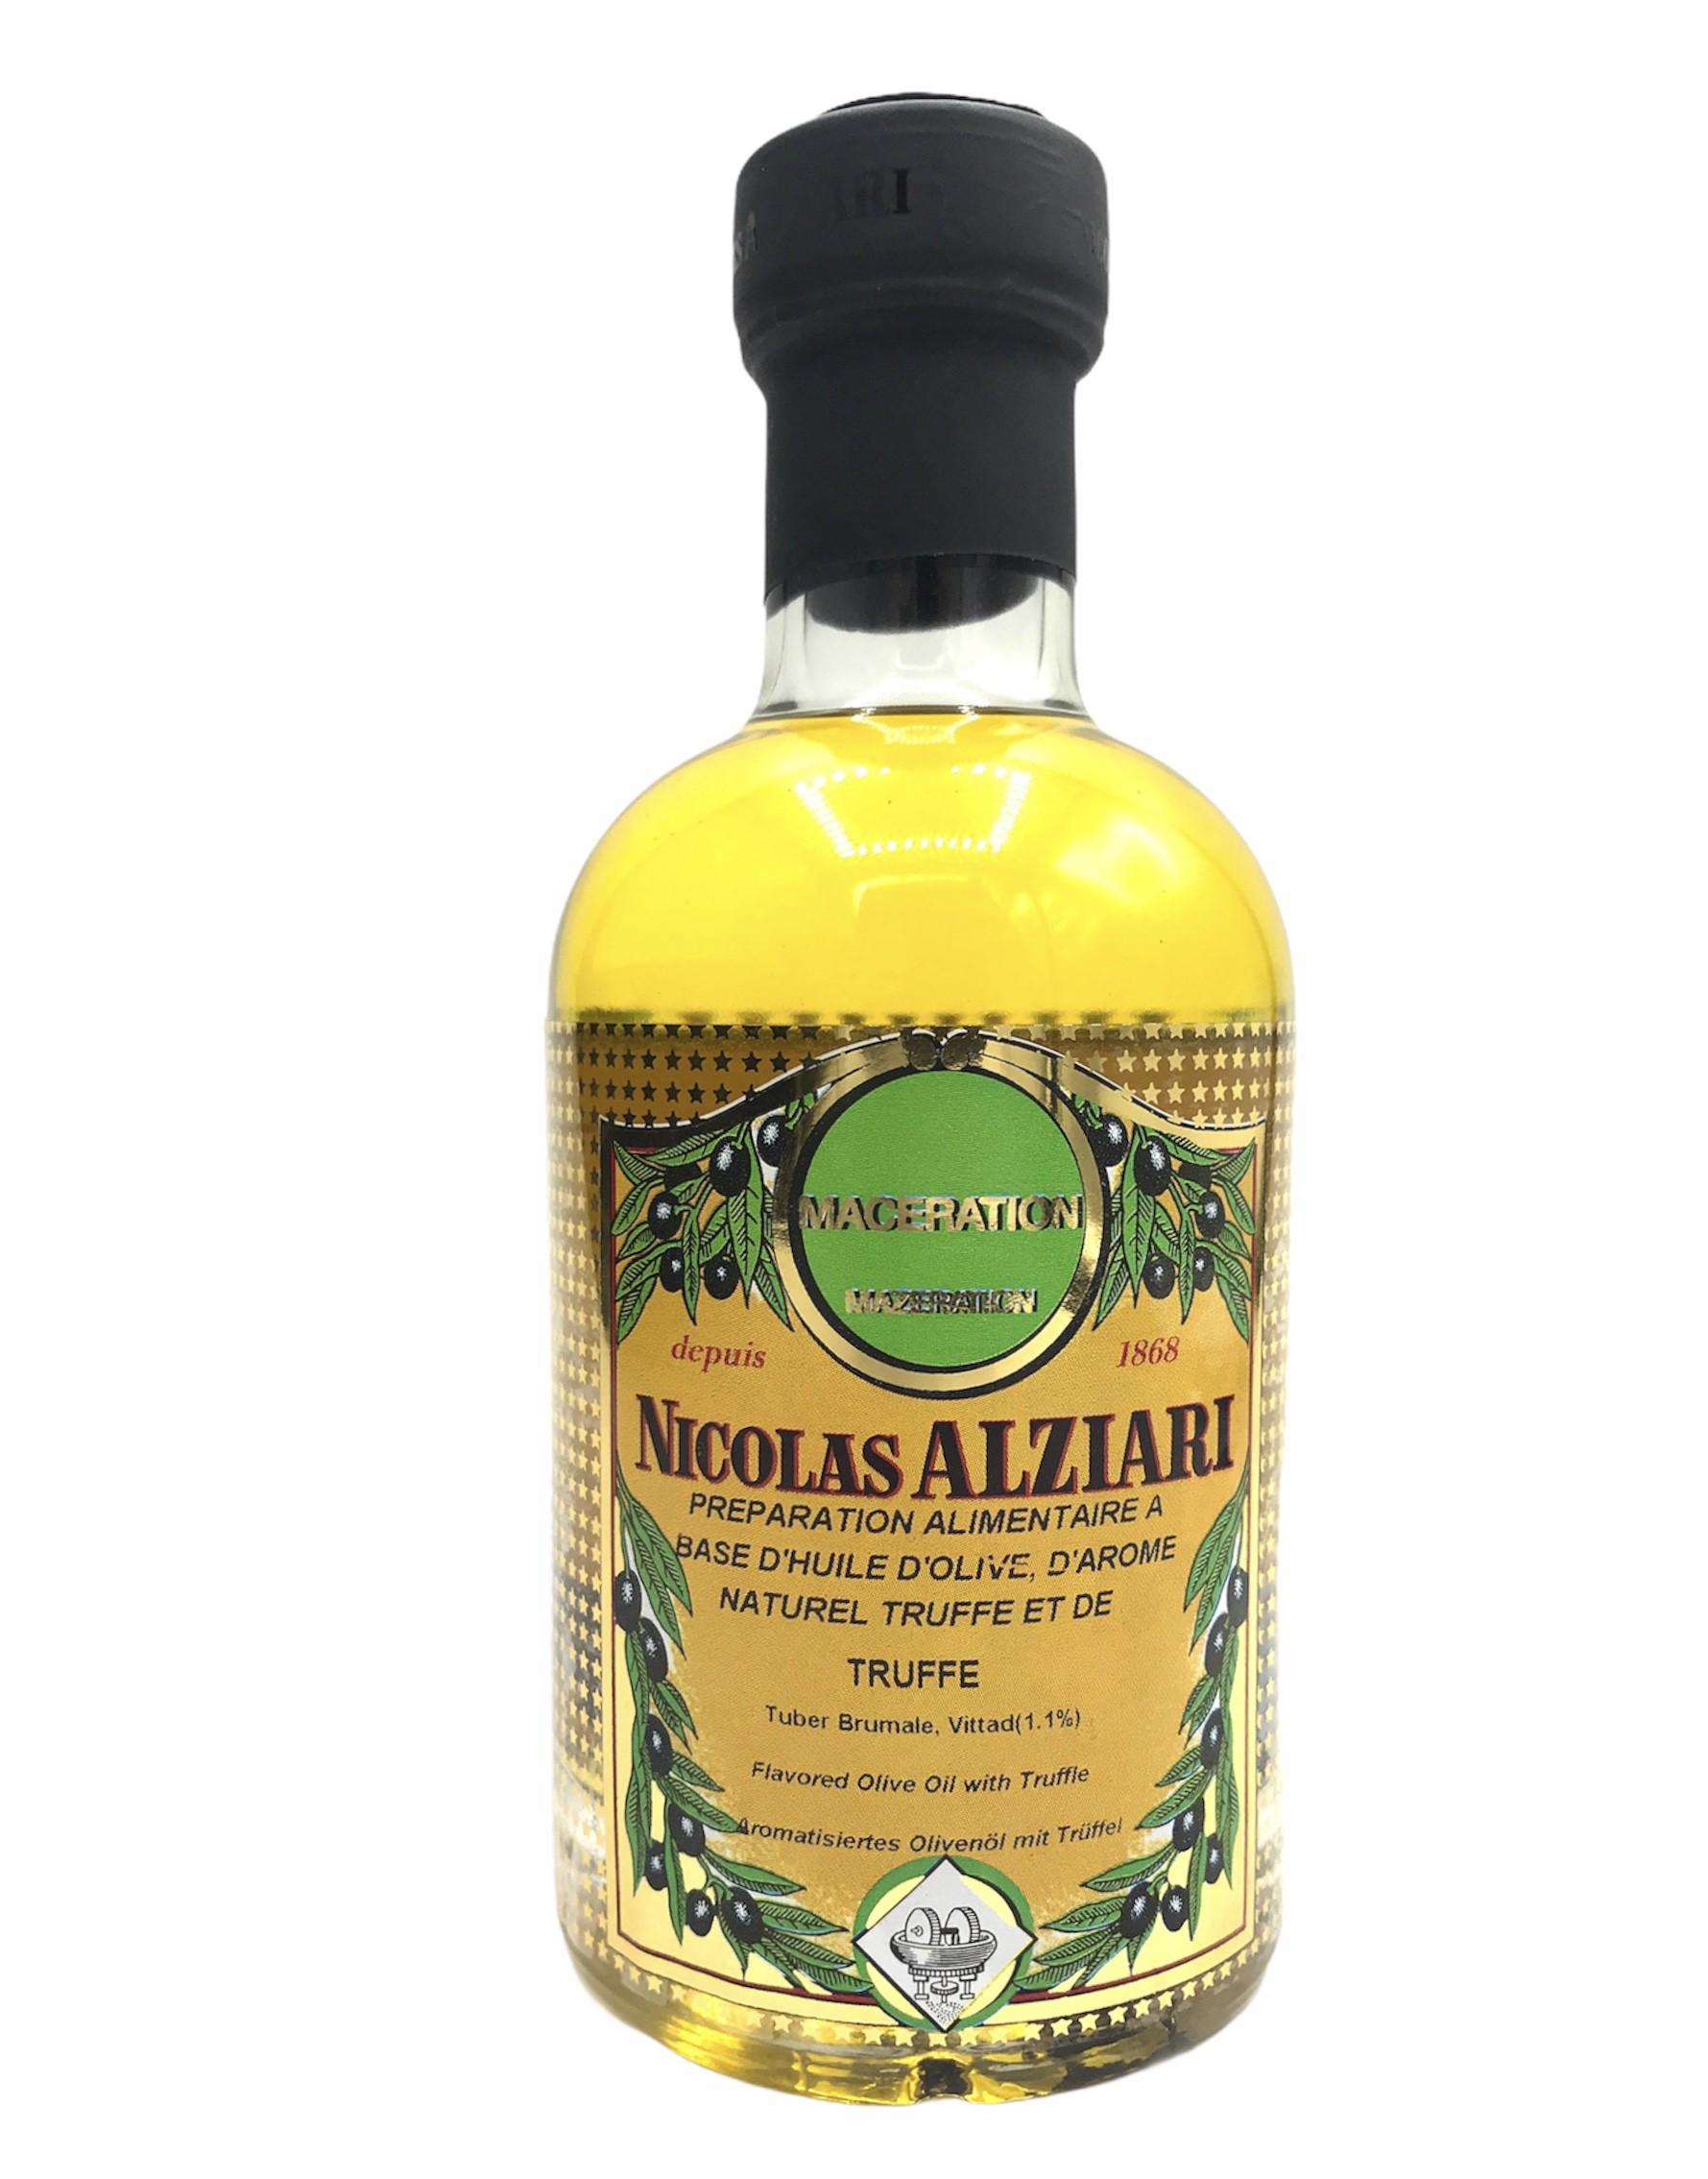 Préparation alimentaire à base d'huile d'olive, d'huile aromatisée et Truffe (tuber brumale 1,1%) 200 ml